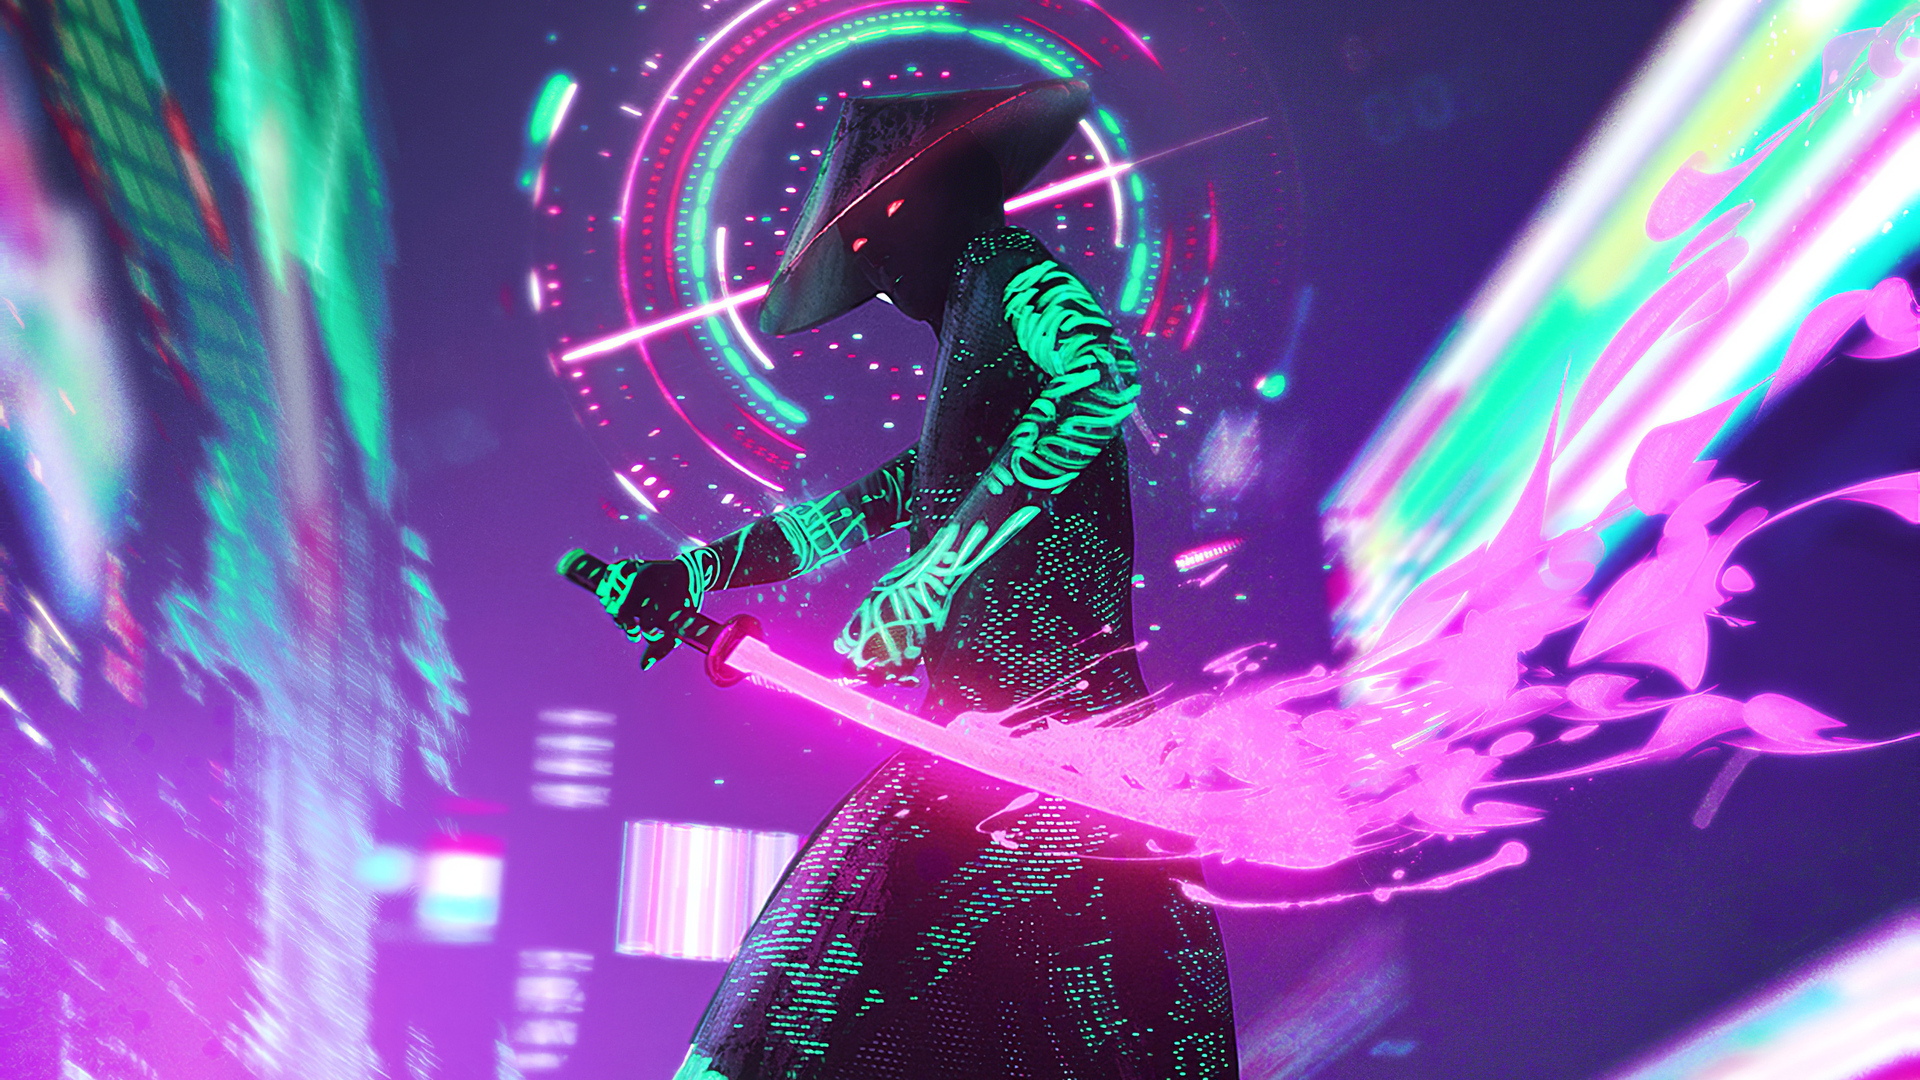 1920x1080 Cyberpunk Neon With Sword 4k Laptop Full HD ...